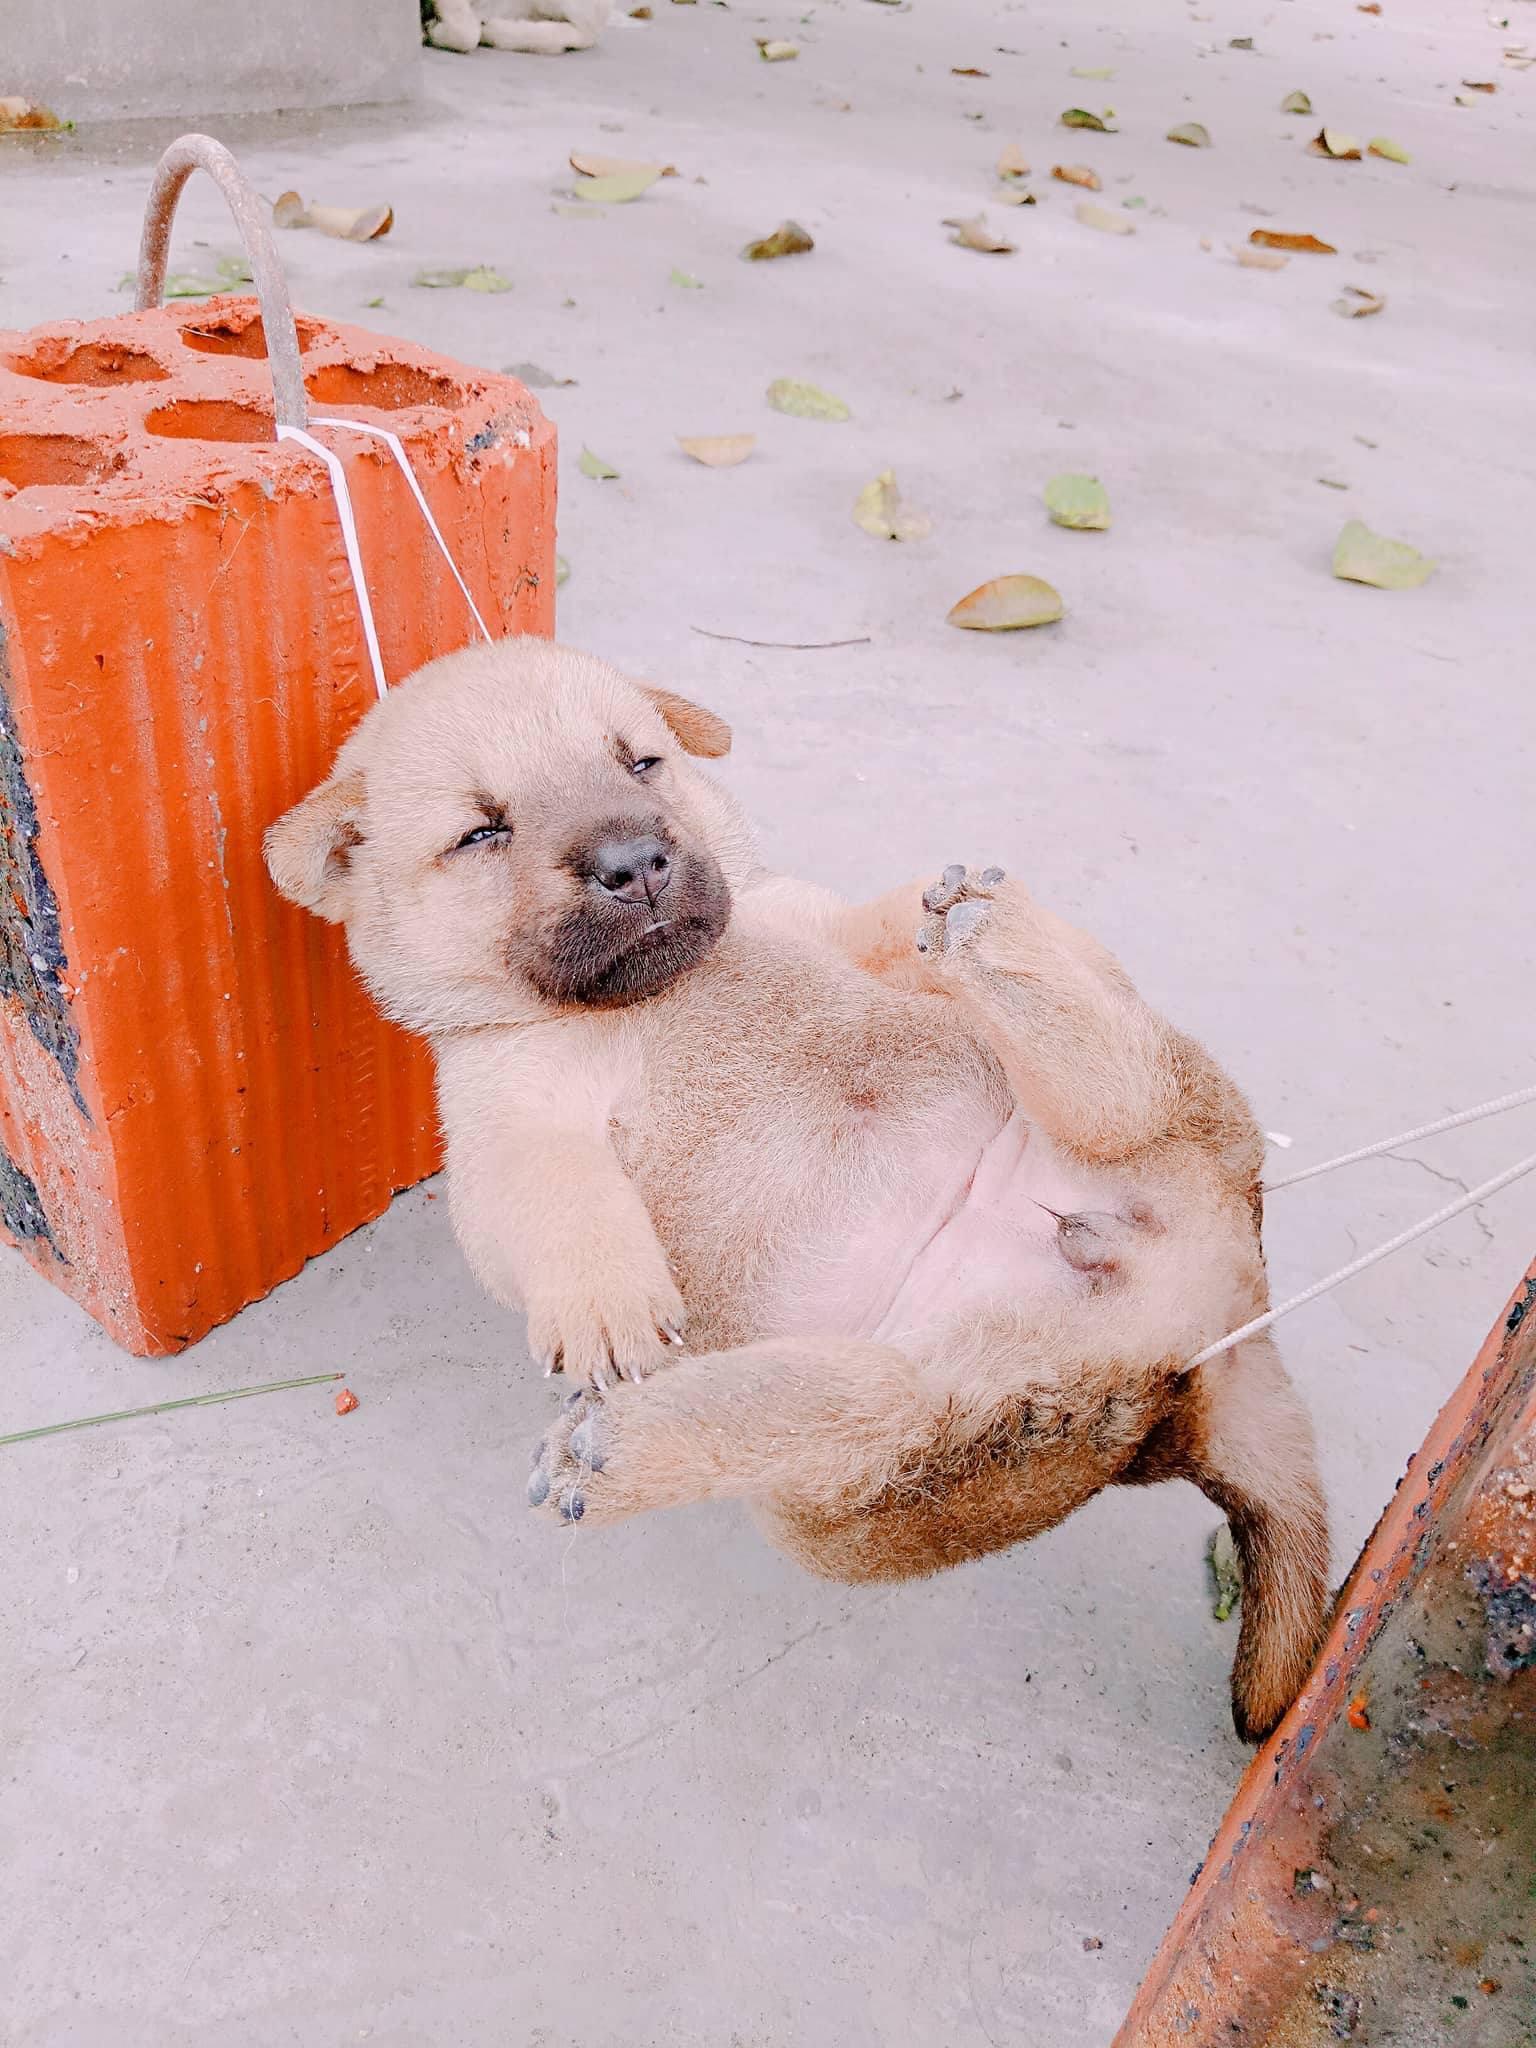 Tiết Lộ Thú Vị Về Chú Chó Mắc Võng Ngủ Trưa Thảnh Thơi Nổi Tiếng Nhất